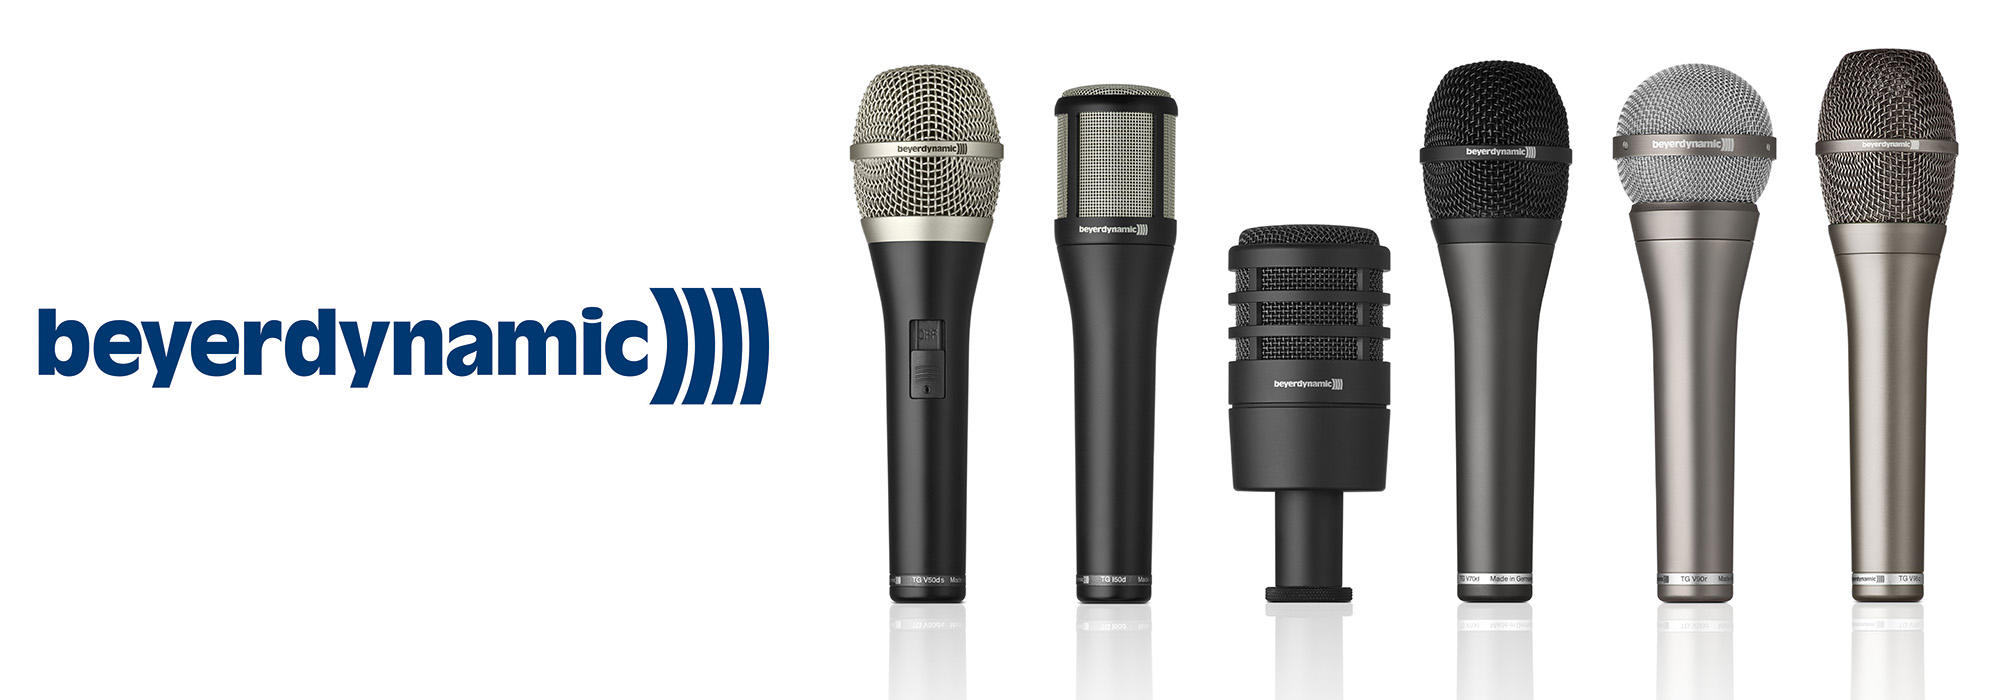 Resultado de imagen para beyerdynamic microphones for conference